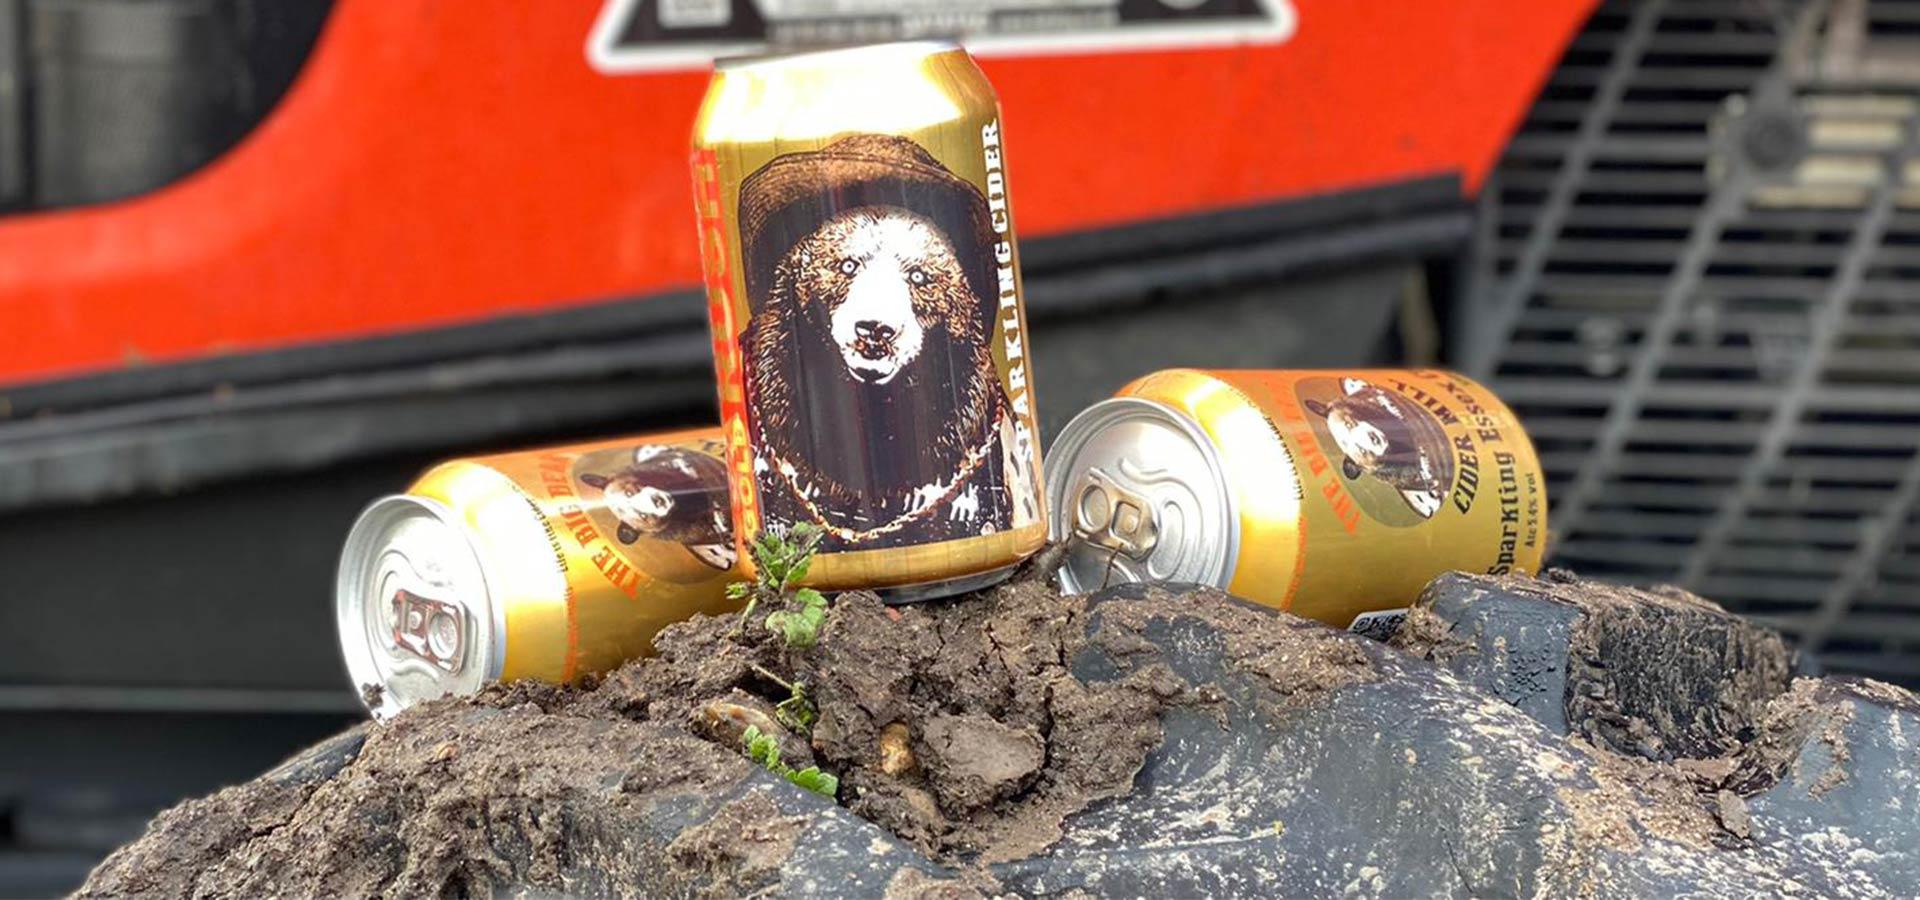 Handcrafted Cider - Big Bear Cider - Made in Essex